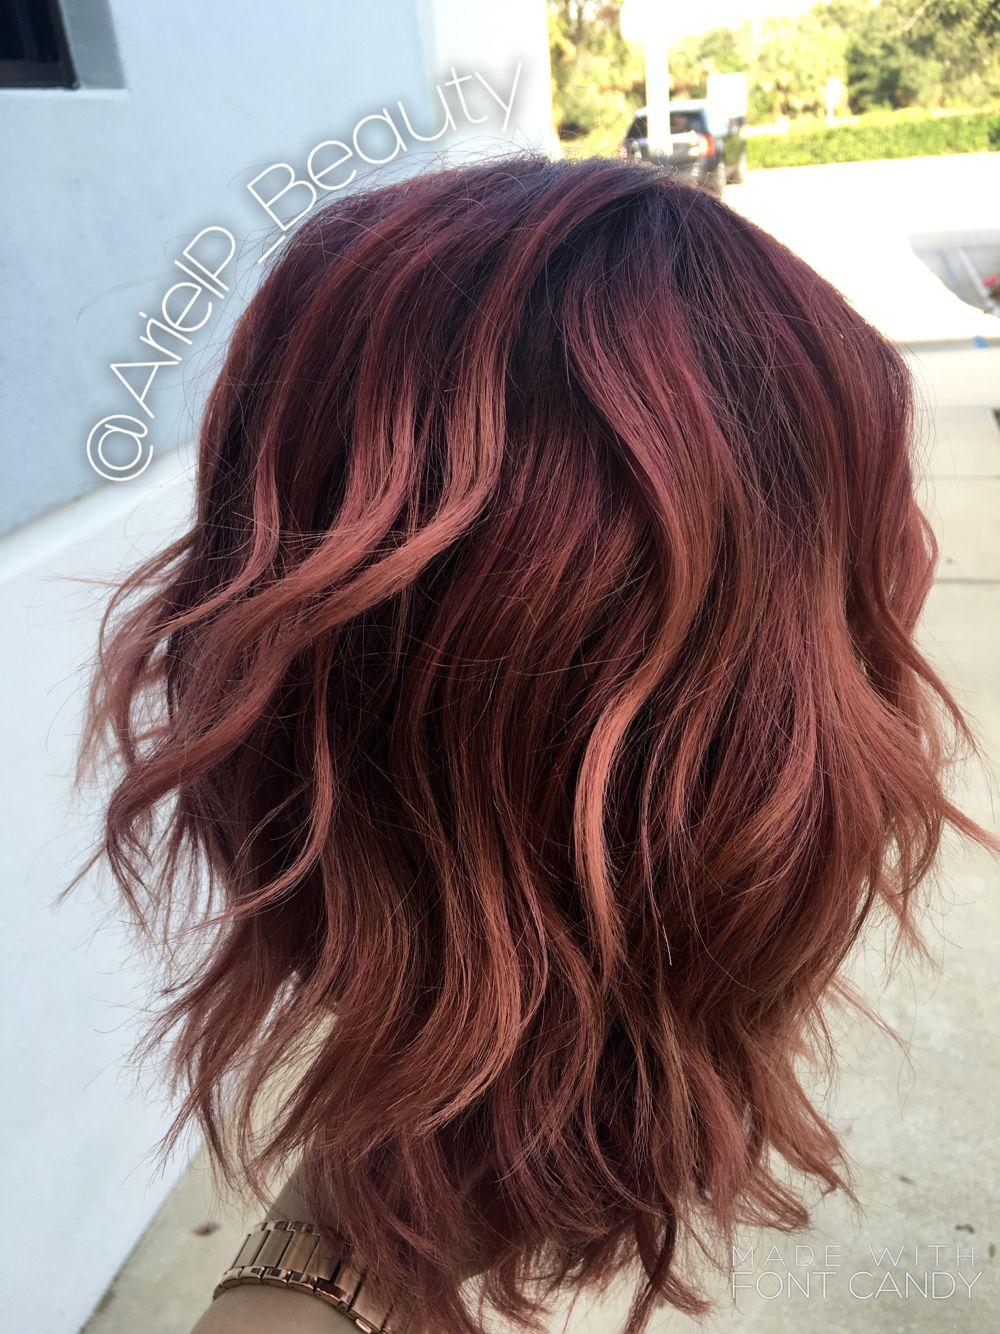 Colormeltbalayagebaliageombrepinkpurpleplumcolored haircolor